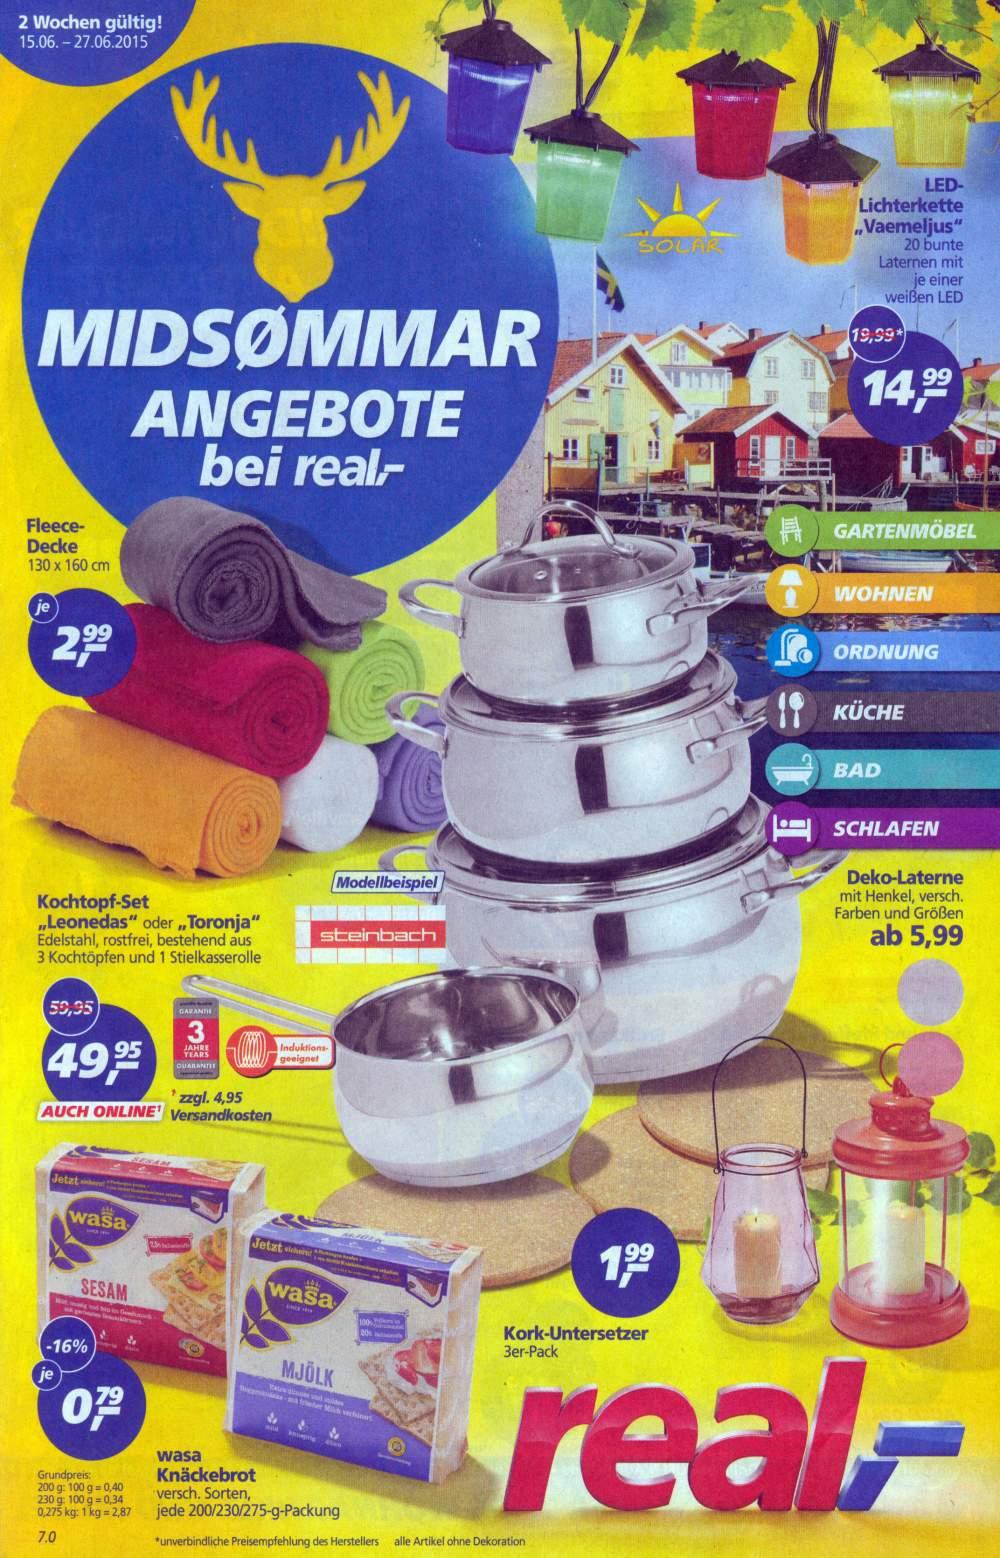 schweden in hannover aktuelles. Black Bedroom Furniture Sets. Home Design Ideas